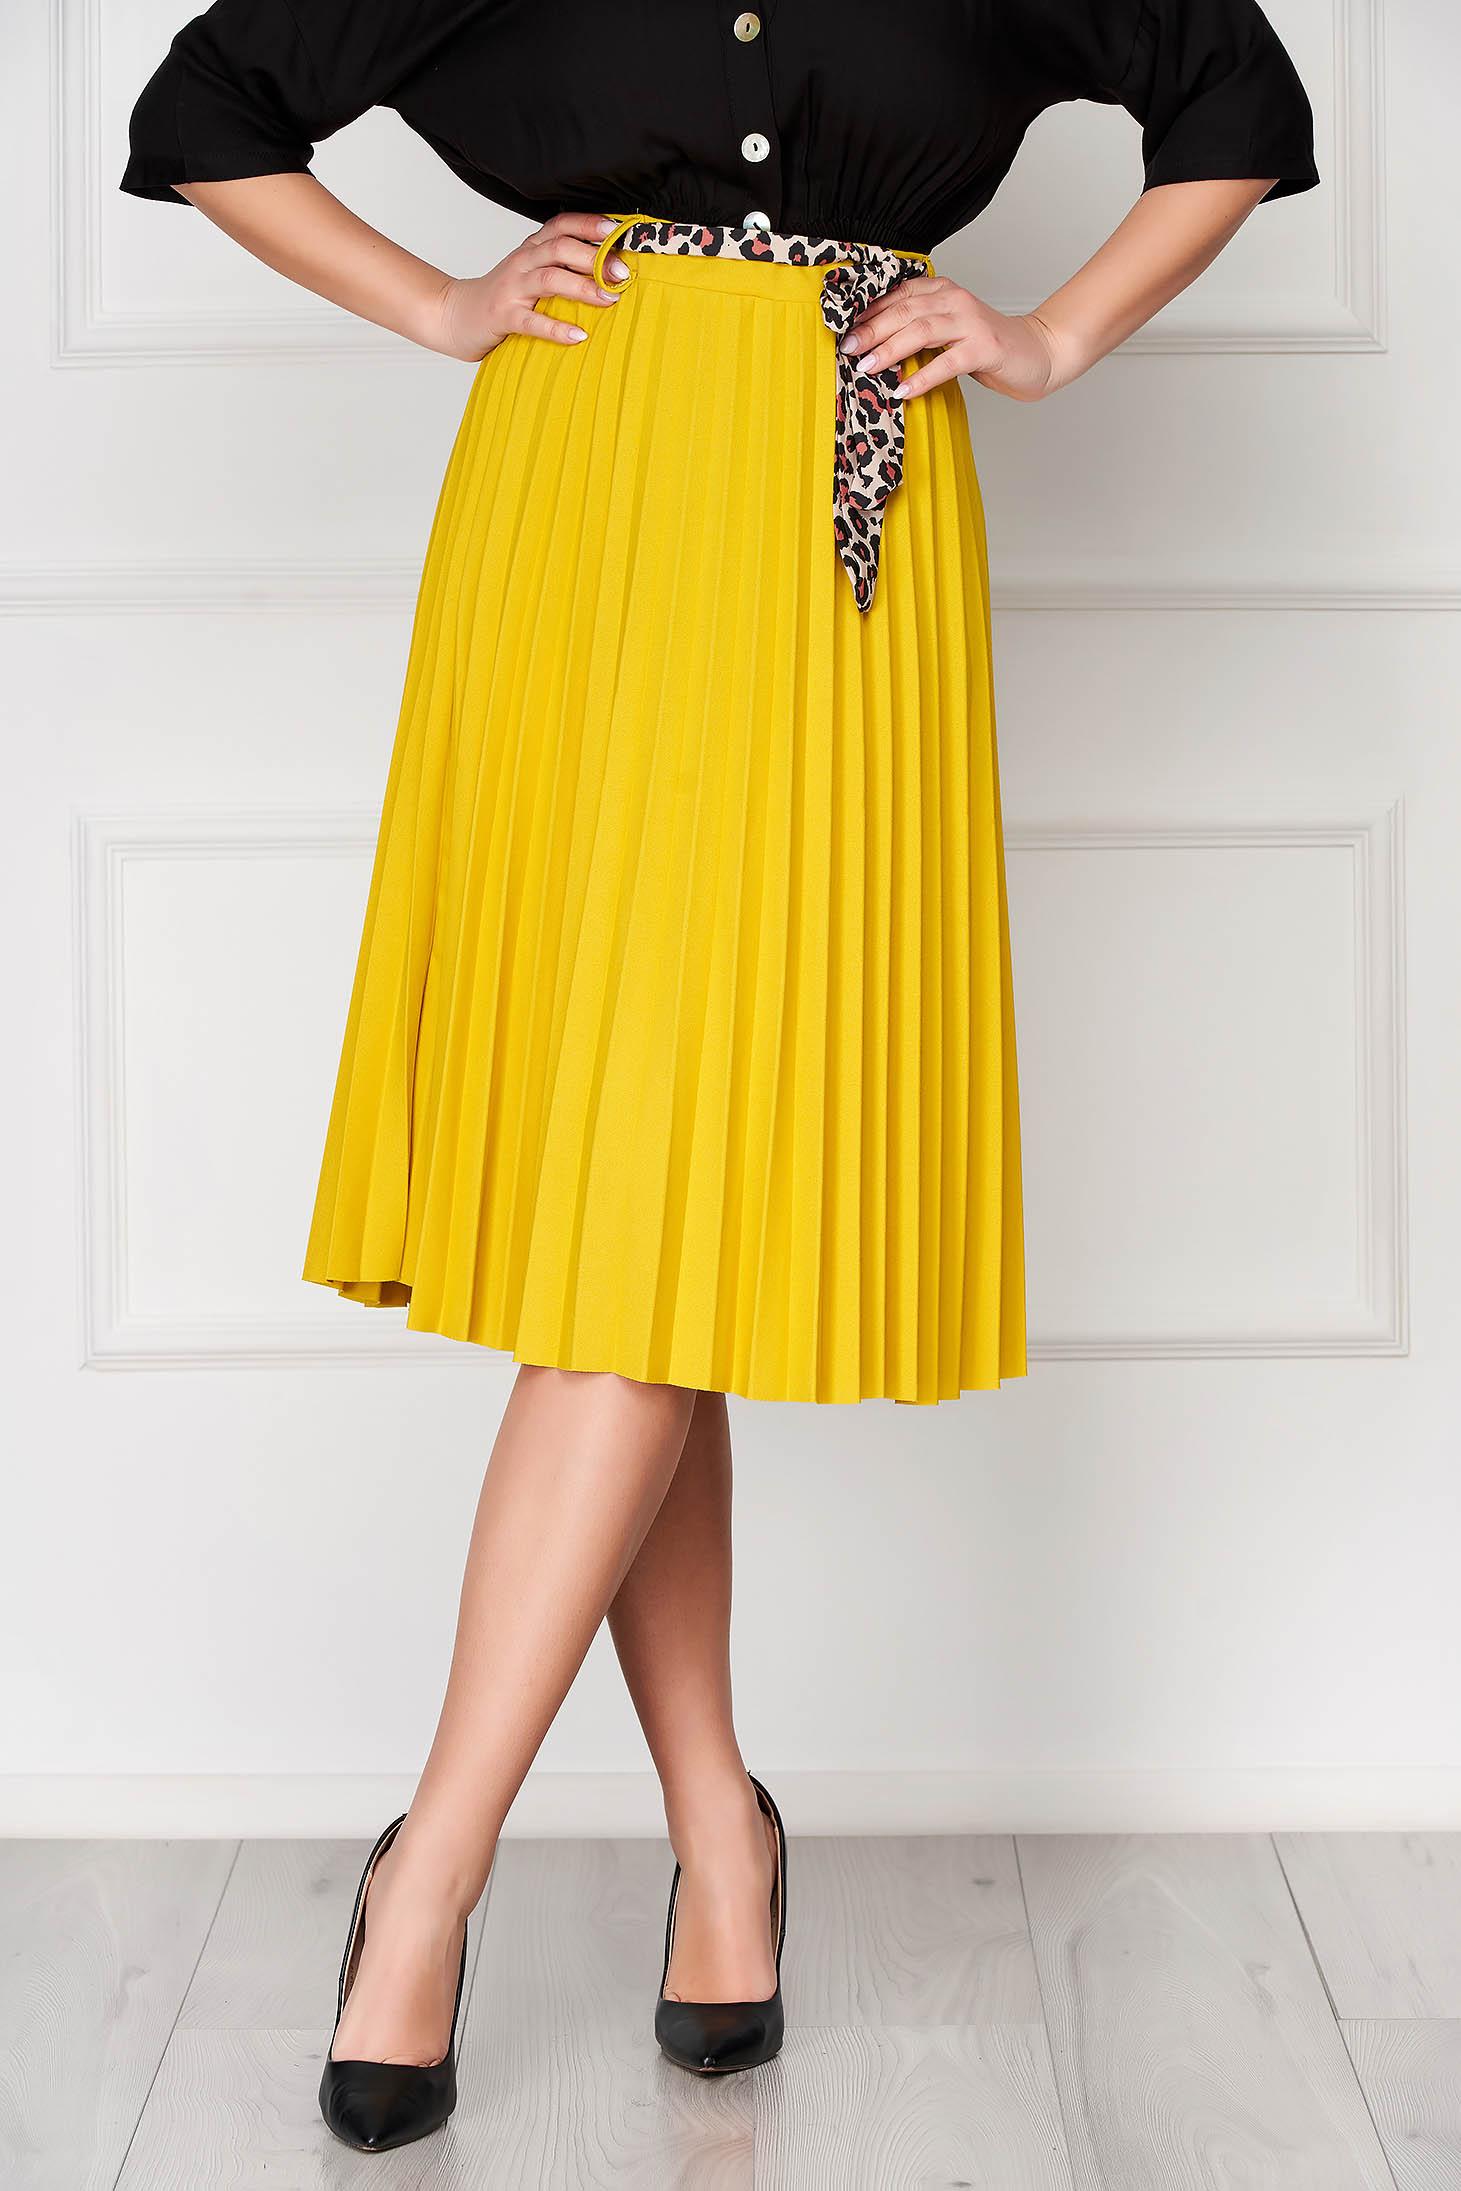 Sárga casual midi harang szoknya öv típusú kiegészítővel rakott részek